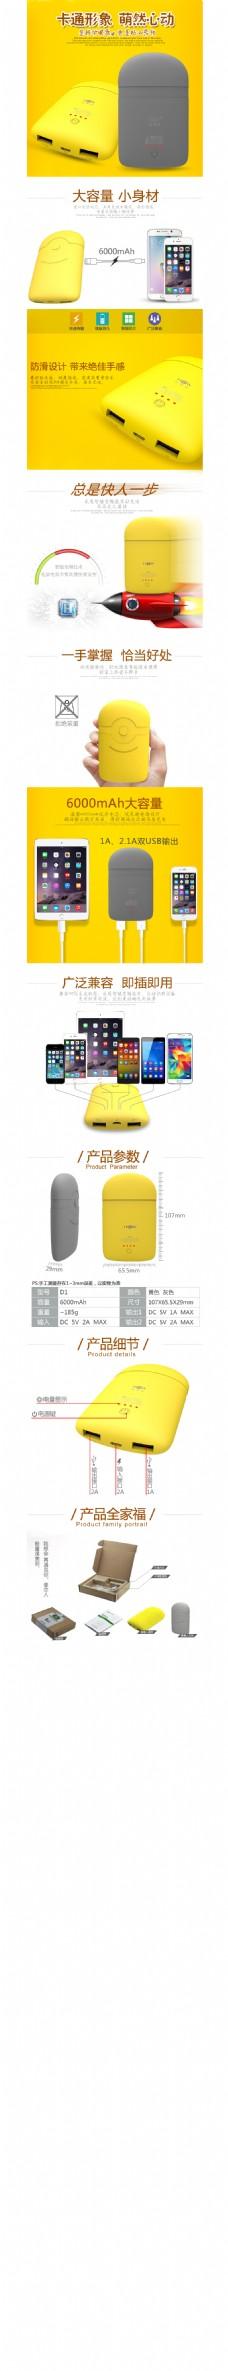 充电宝描述  移动电源详情页设计